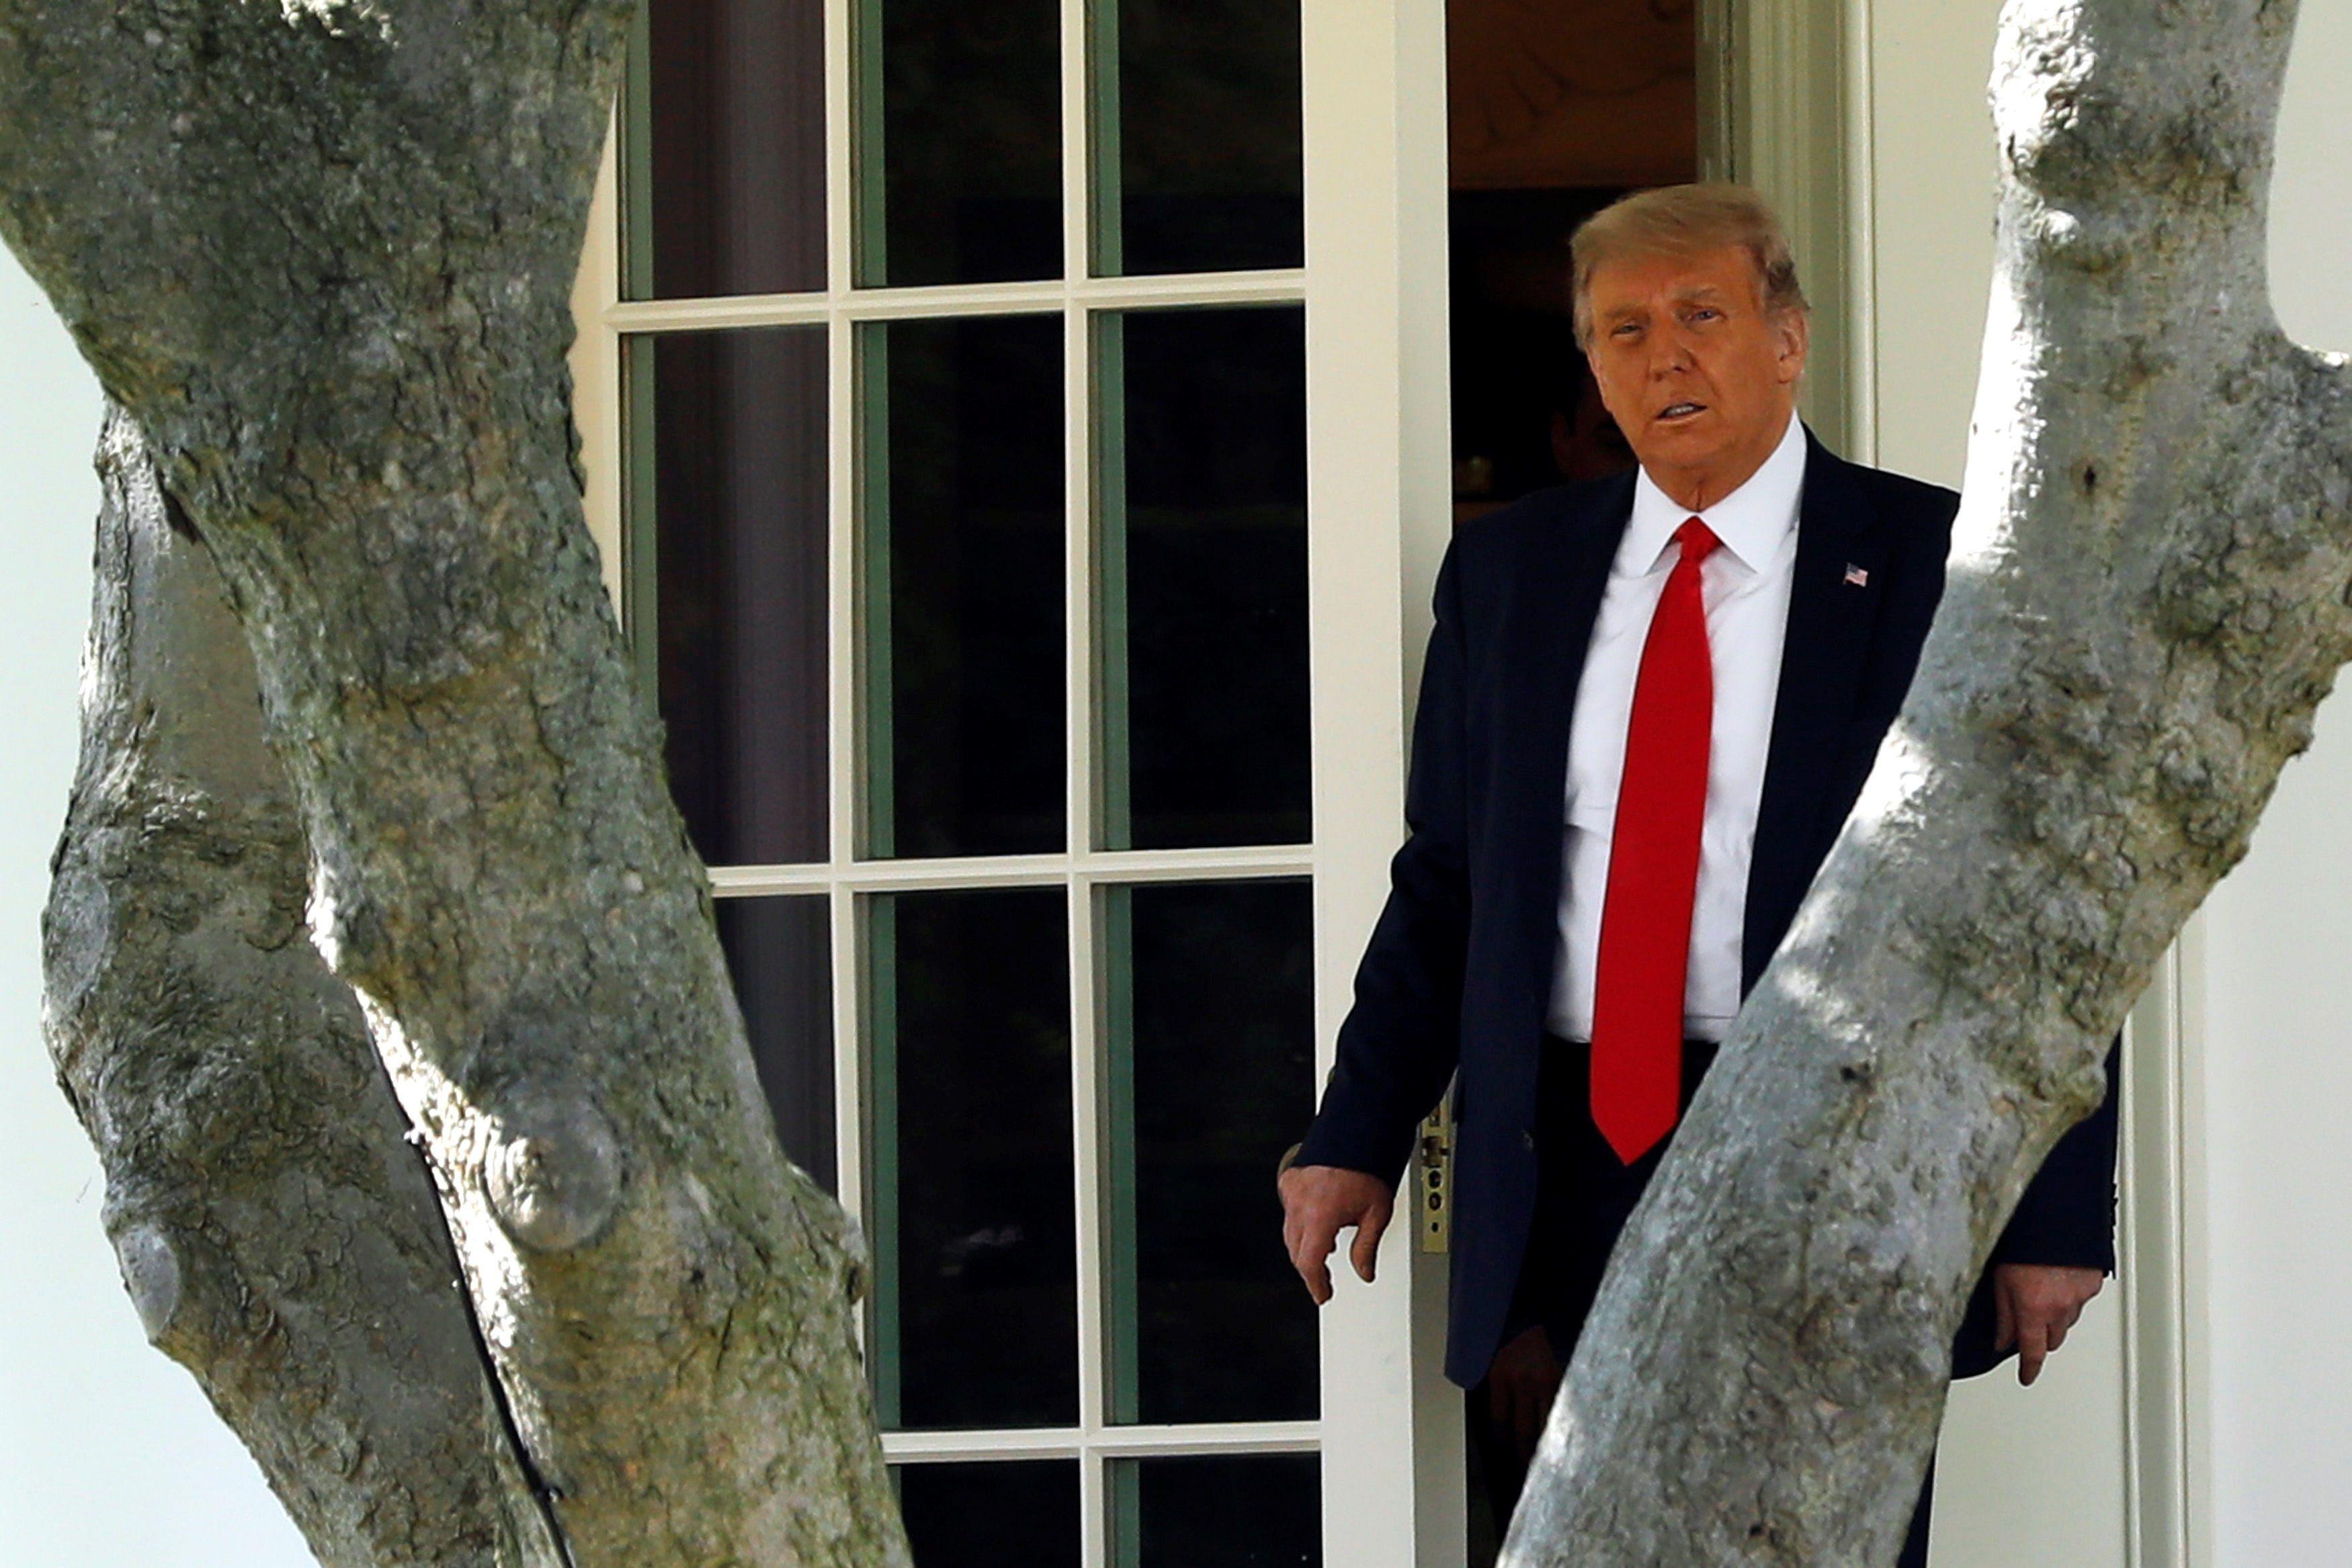 El presidente de Estados Unidos, Donald J. Trump, camina en la Casa Blanca en Washington (EE.UU.), hoy 30 de septiembre de 2020. EFE/Yuri Gripas